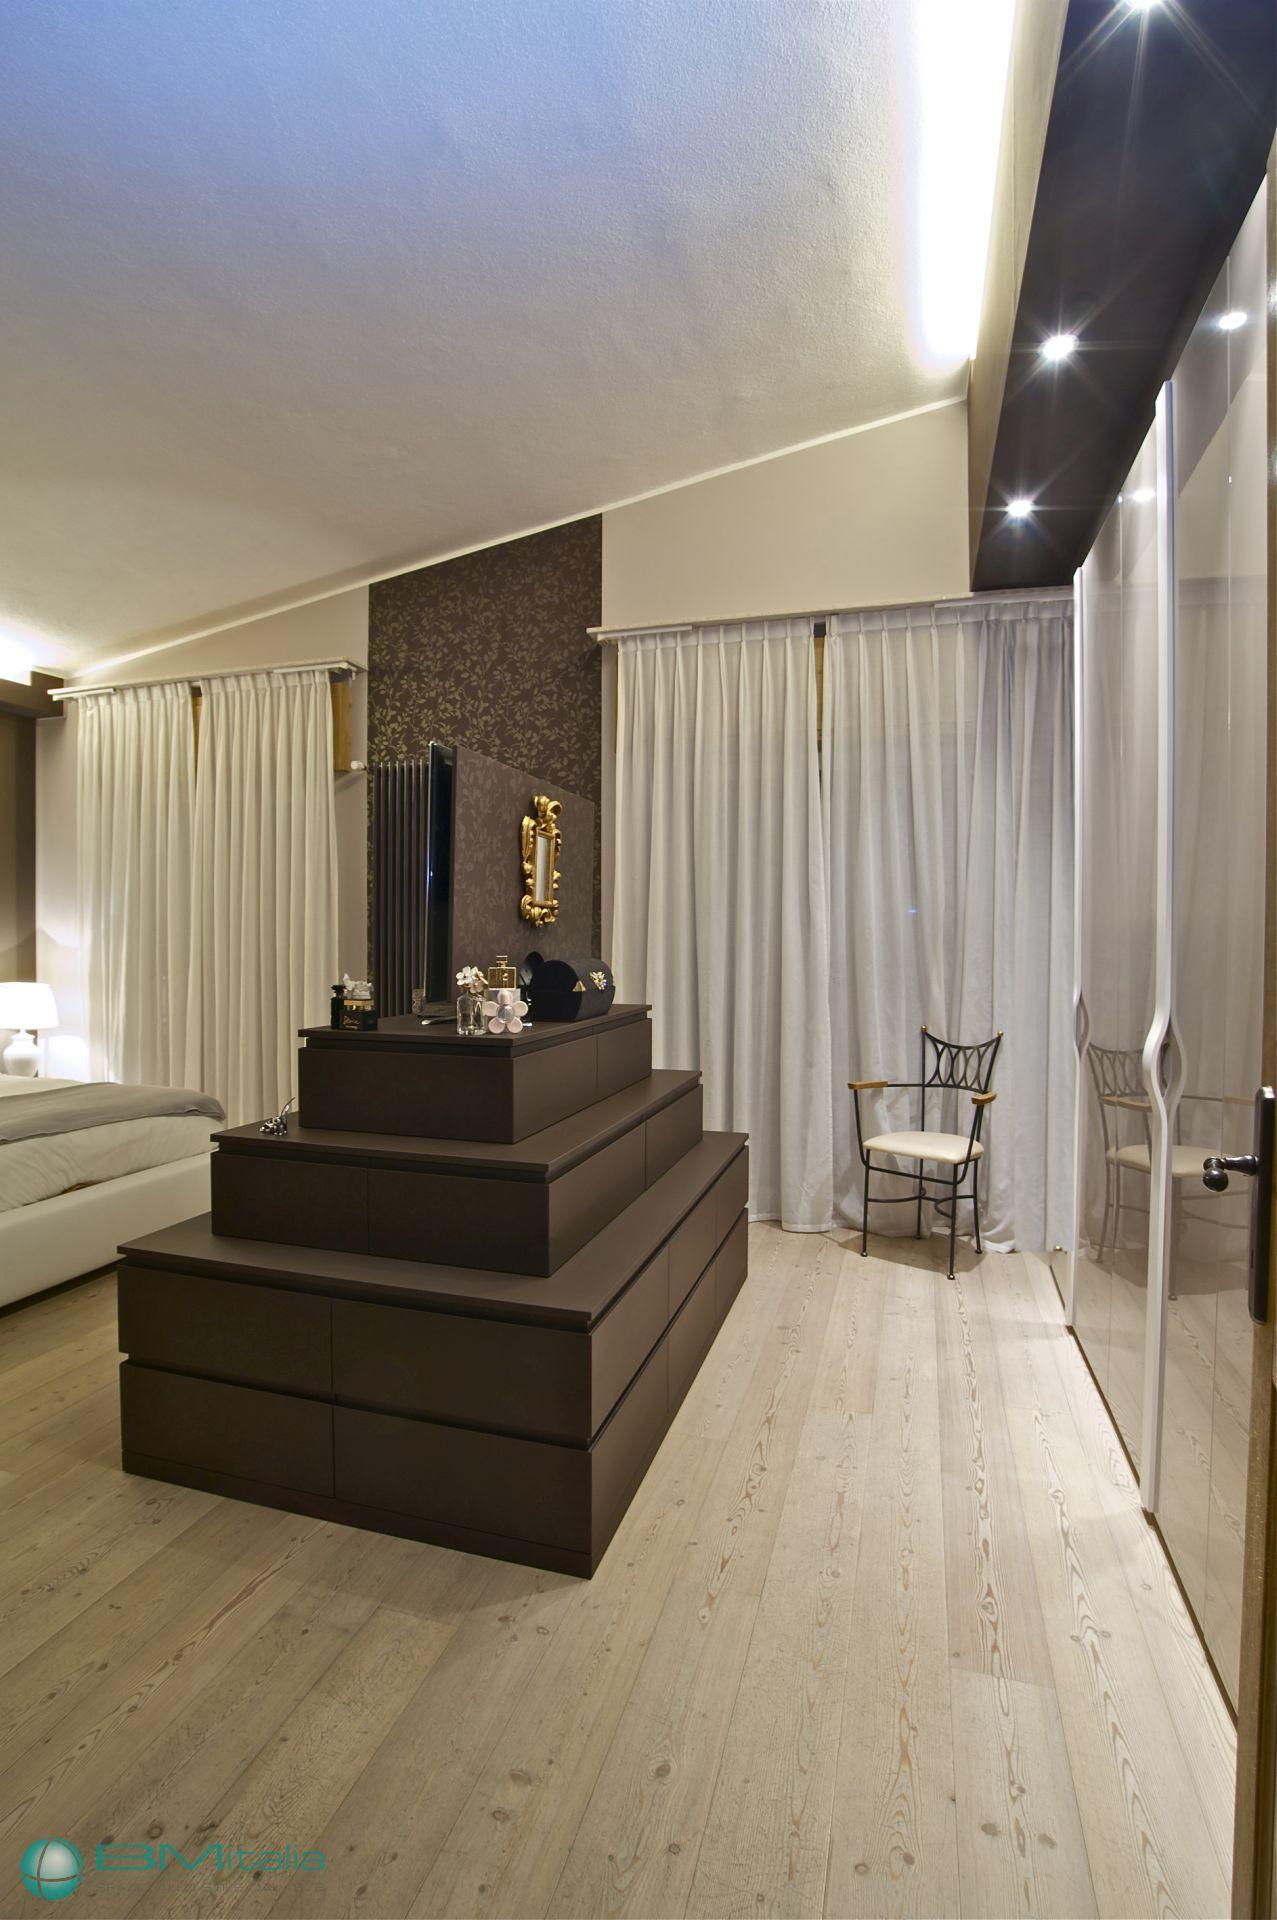 Progettazione e realizzazione arredamenti per case ville for Arredamenti per appartamenti